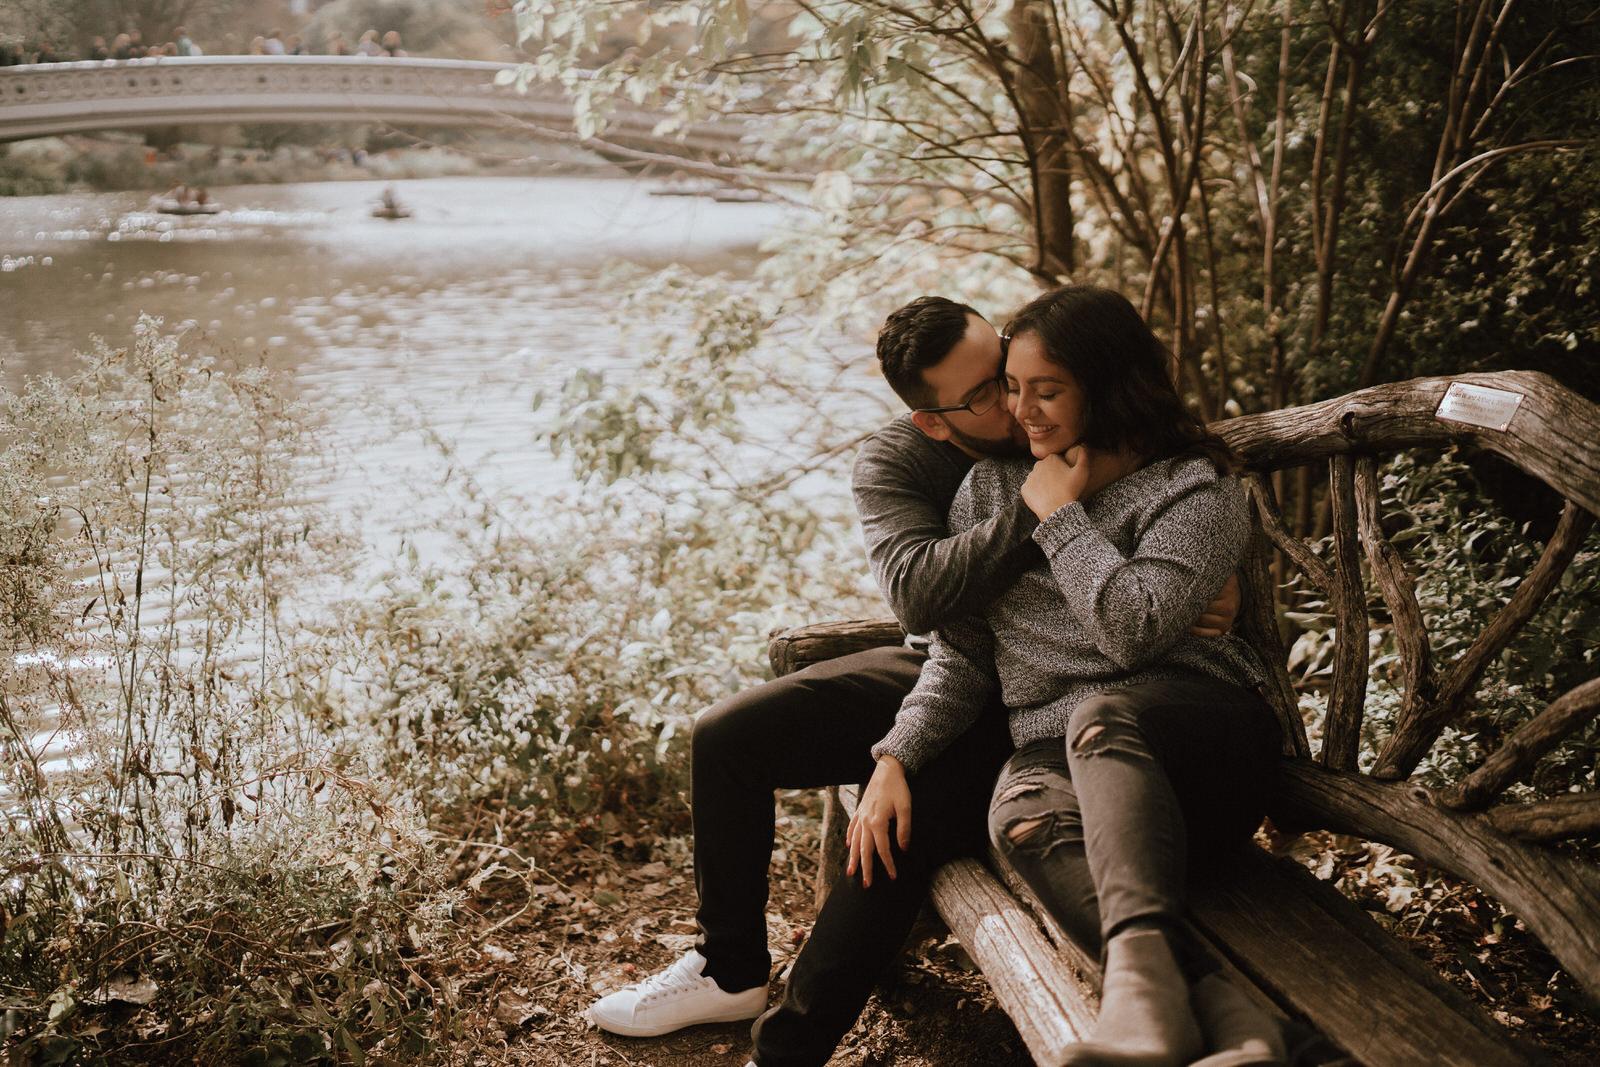 Central Park Engagement Photos-Bow Bridge-Michelle Gonzalez Photography-Alyssa and Cecilio-43.JPG